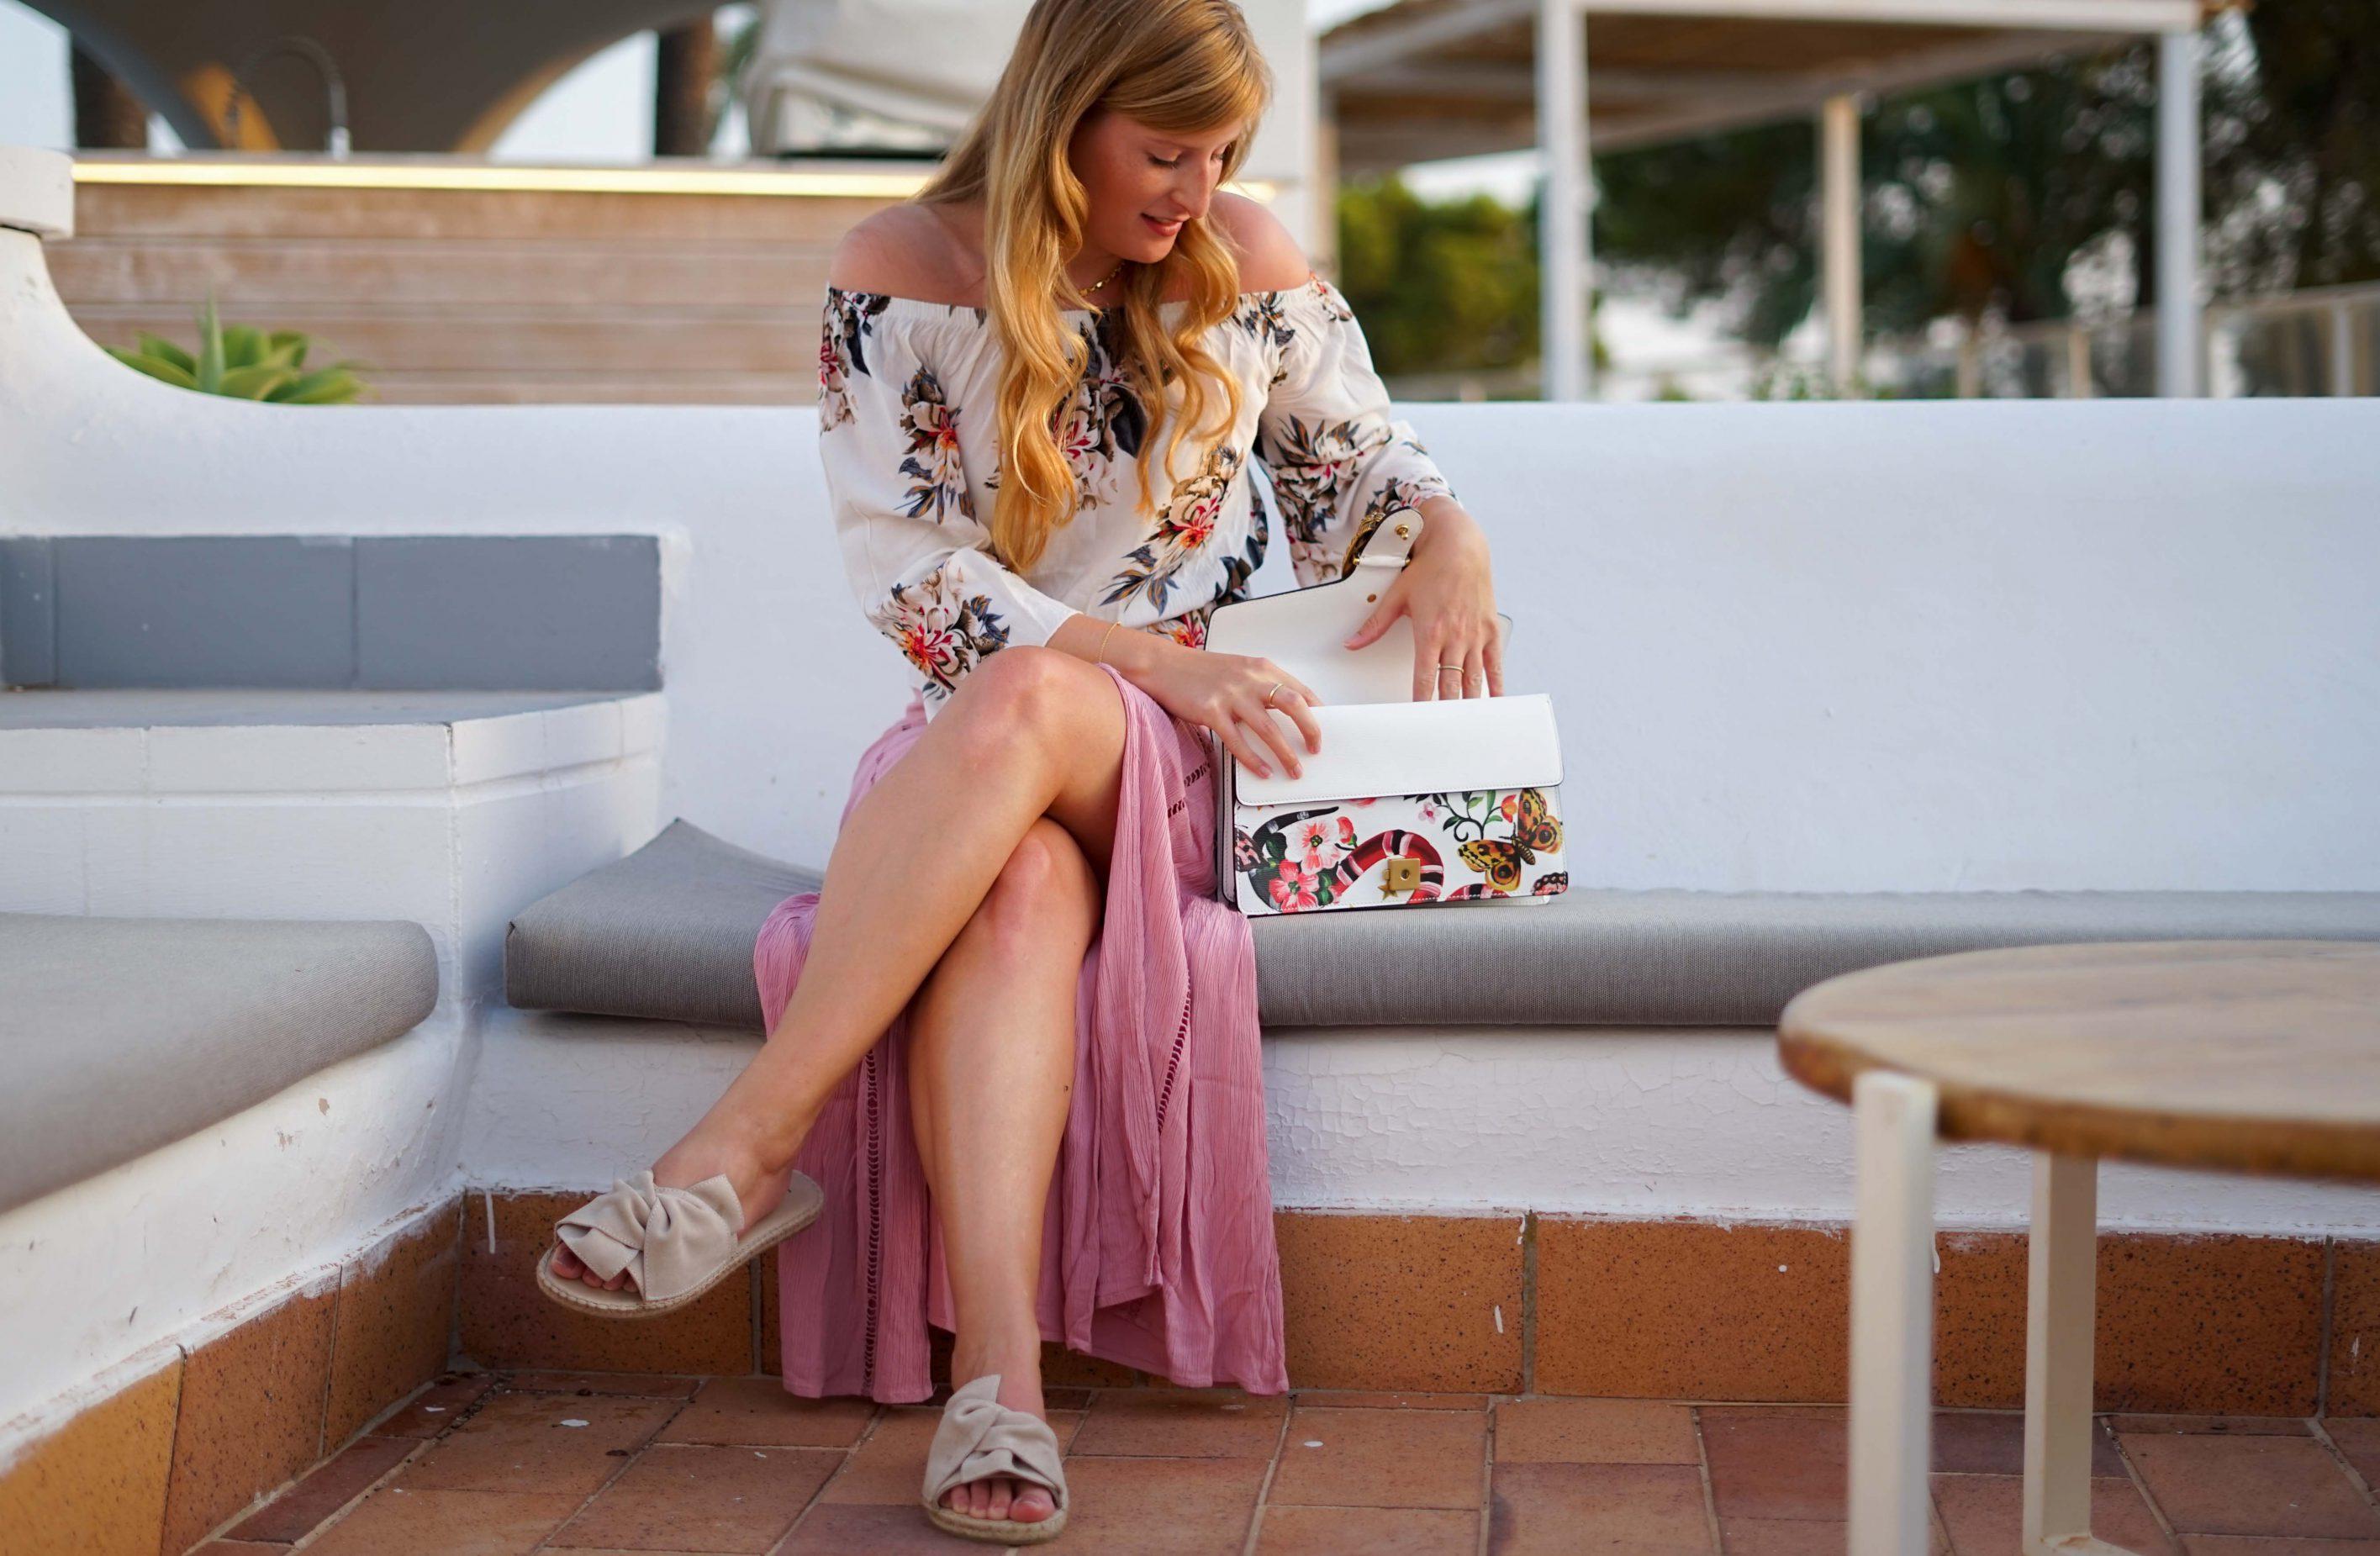 Rosa Maxirock Floral-Top goldene Accessoires Schmuck michael Kors Kette Kreolen Mallorca Golden Hour Sommerlook Urlaubsoutfit